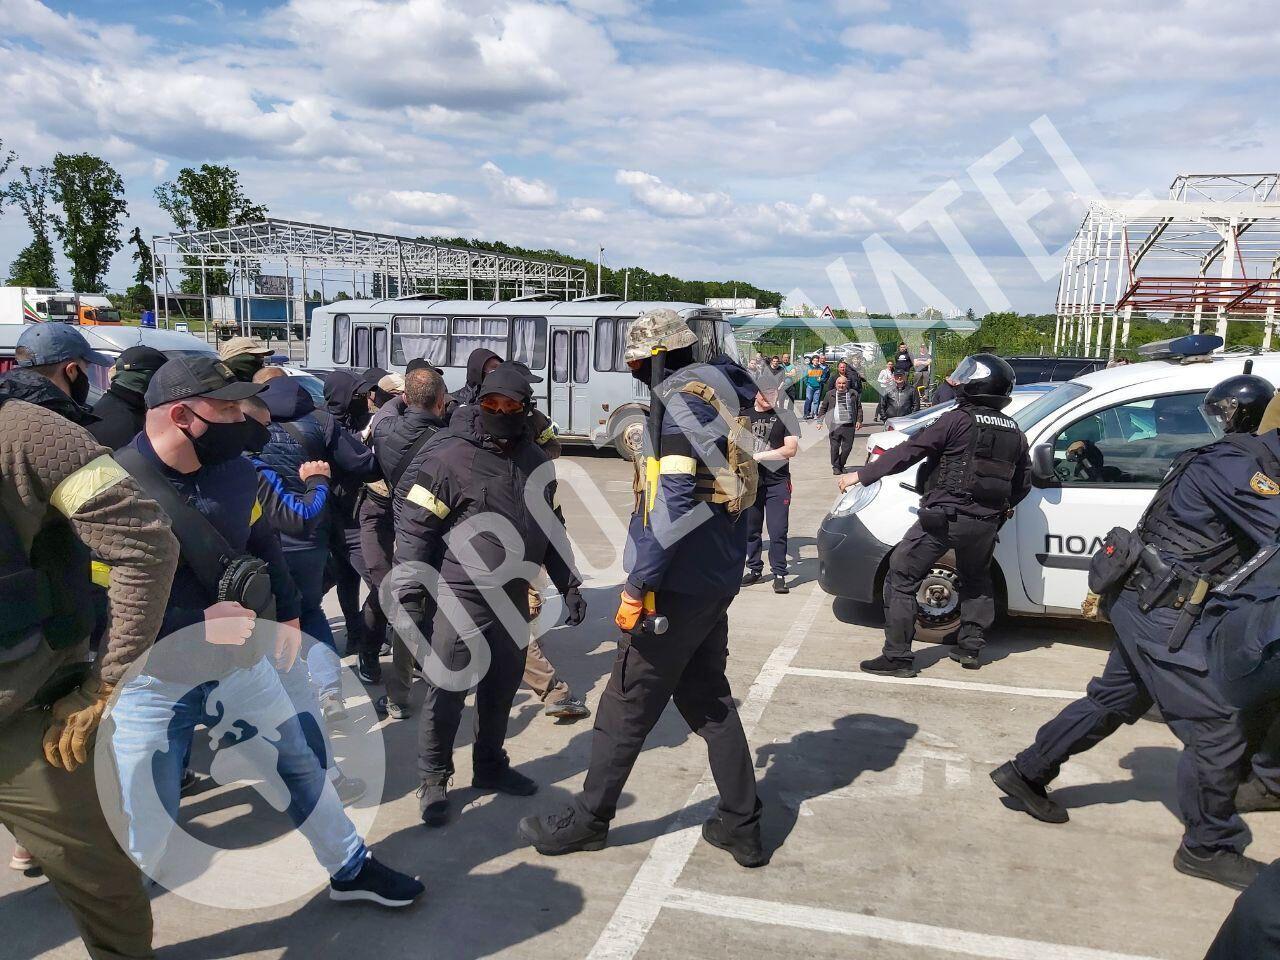 Найбільш активного крикуна спробував затримати поліцейський